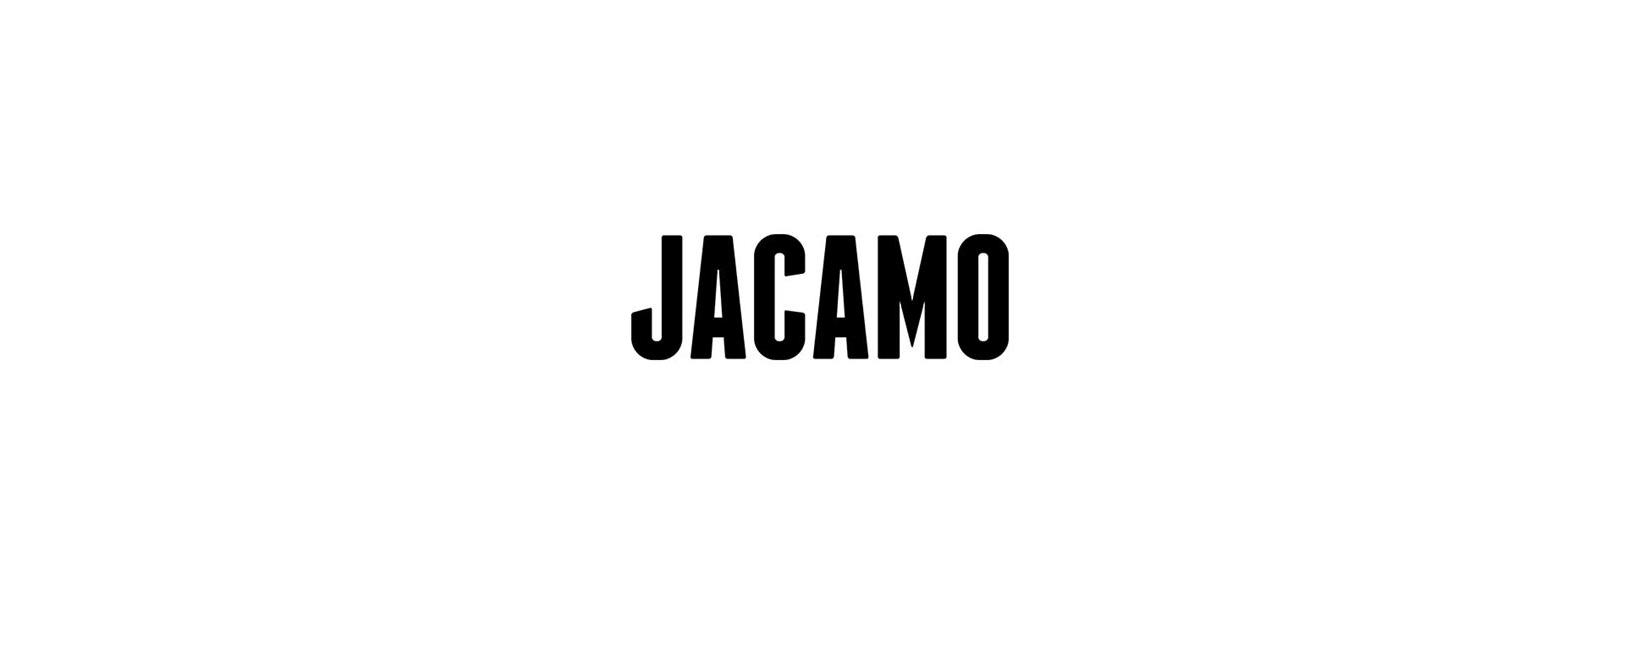 Jacamo UK Discount Code 2021